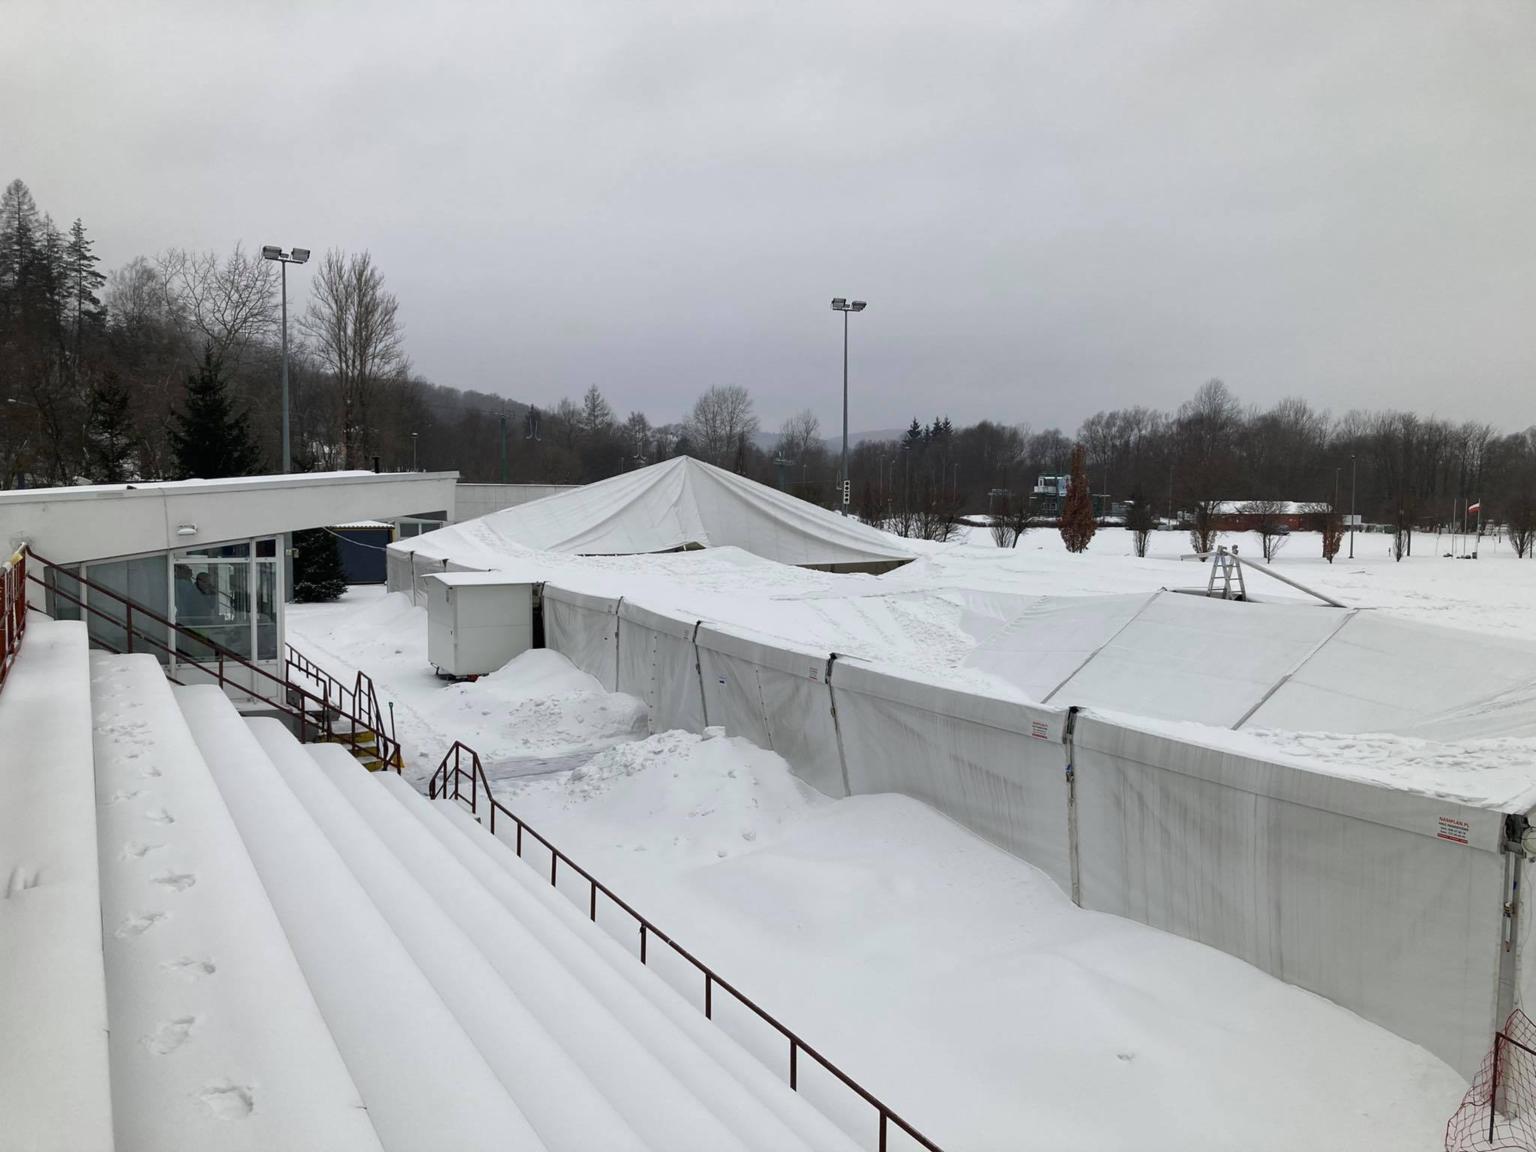 Podkarpacie: Zima atakuje. Dach lodowiska zawalił się pod ciężarem śniegu! - Zdjęcie główne